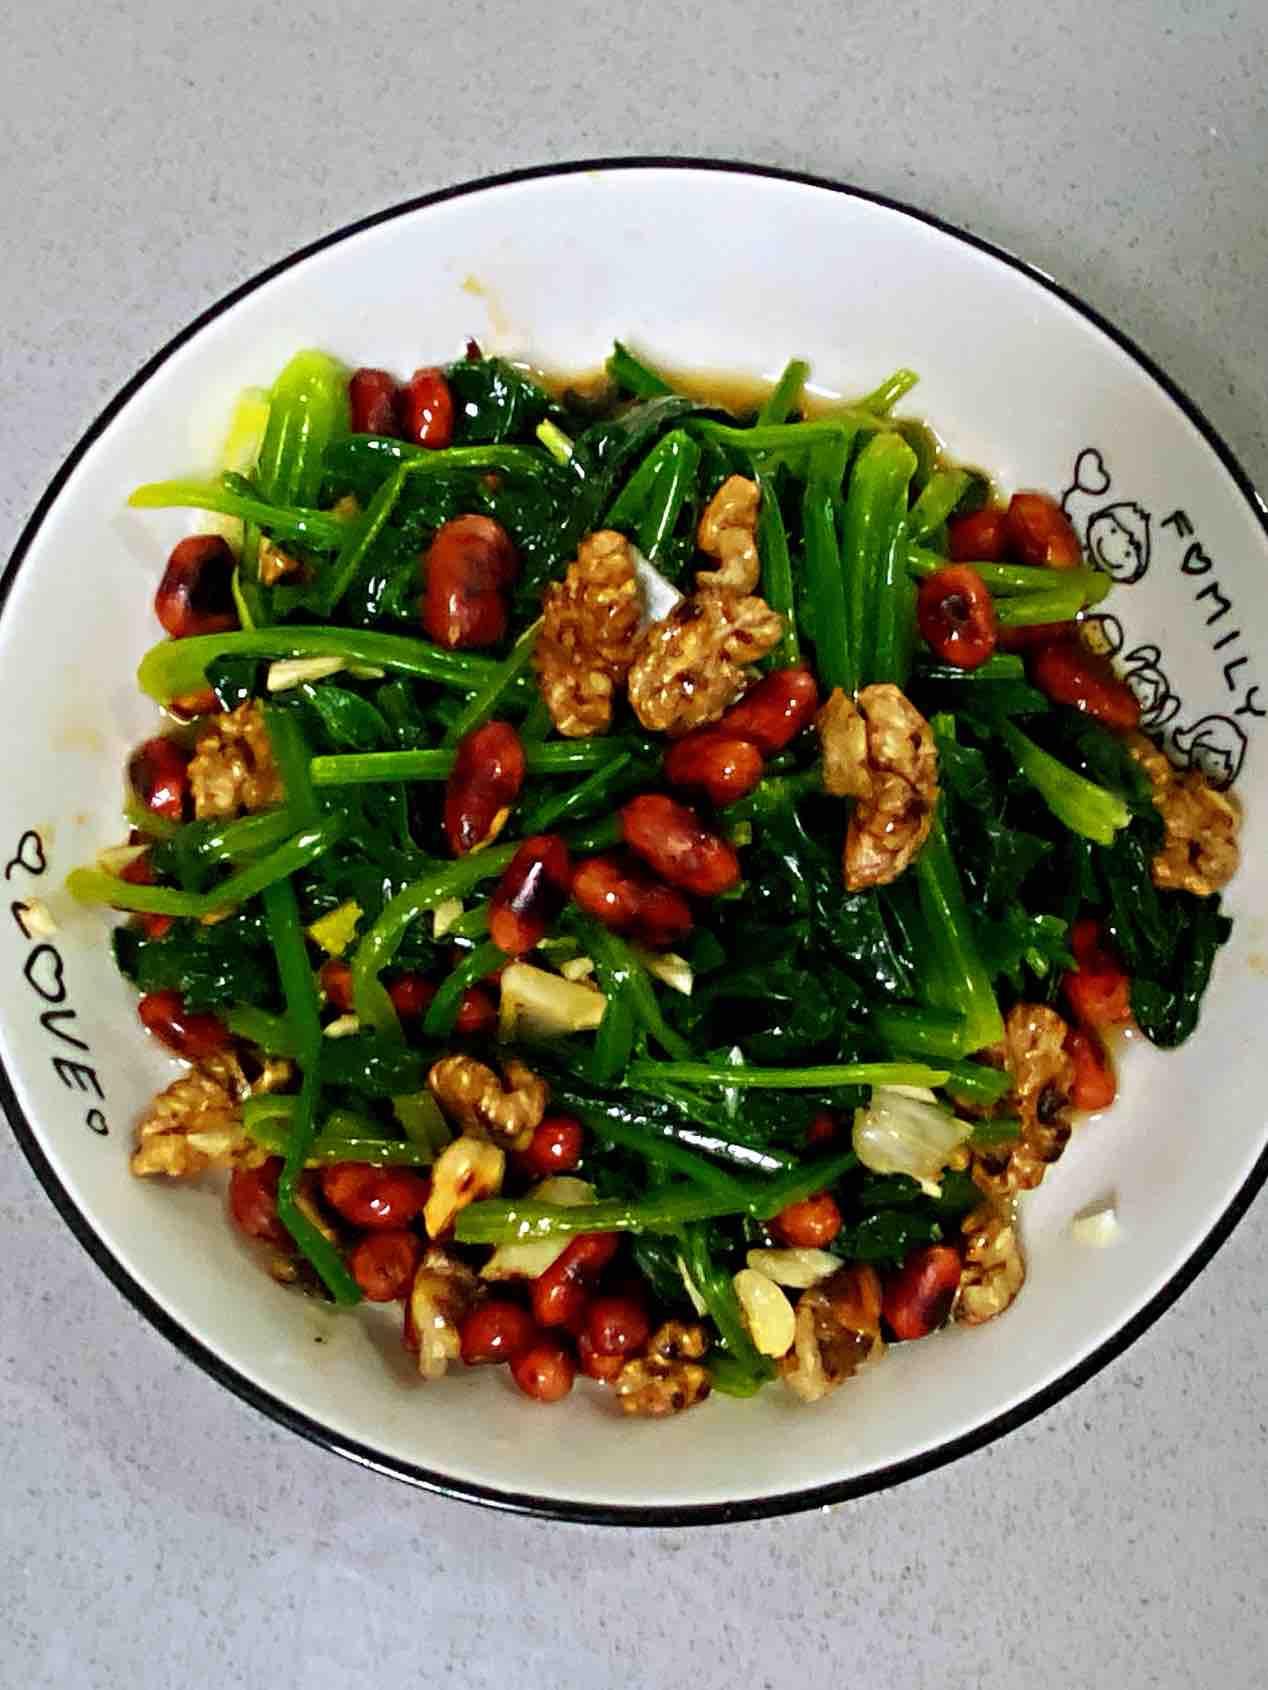 【孕妇食谱】坚果仁拌菠菜,补脑又益智,健康营养又美味~